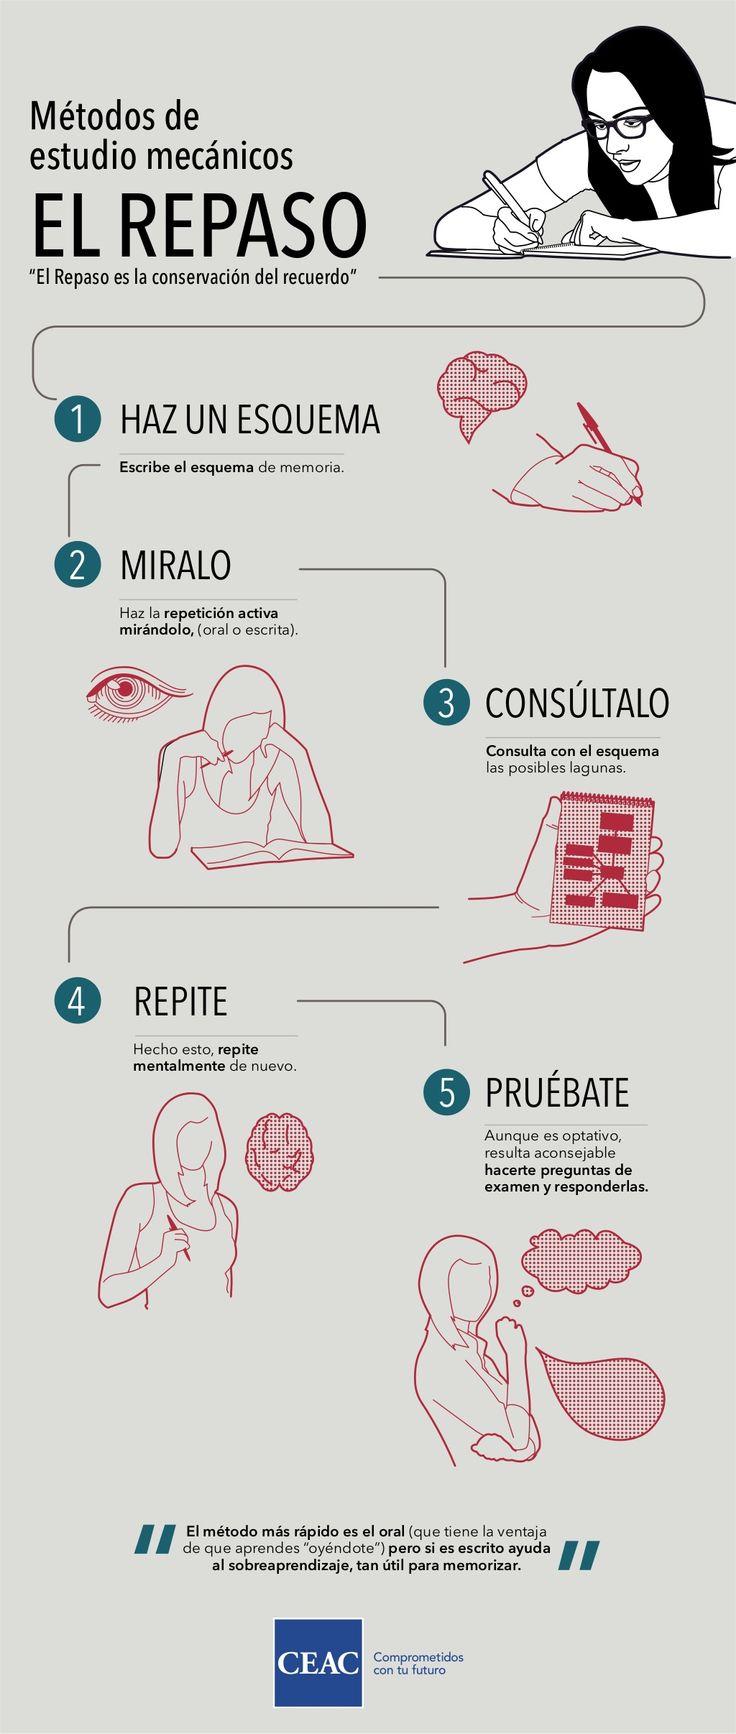 . Métodos de estudio: Cómo repasar.